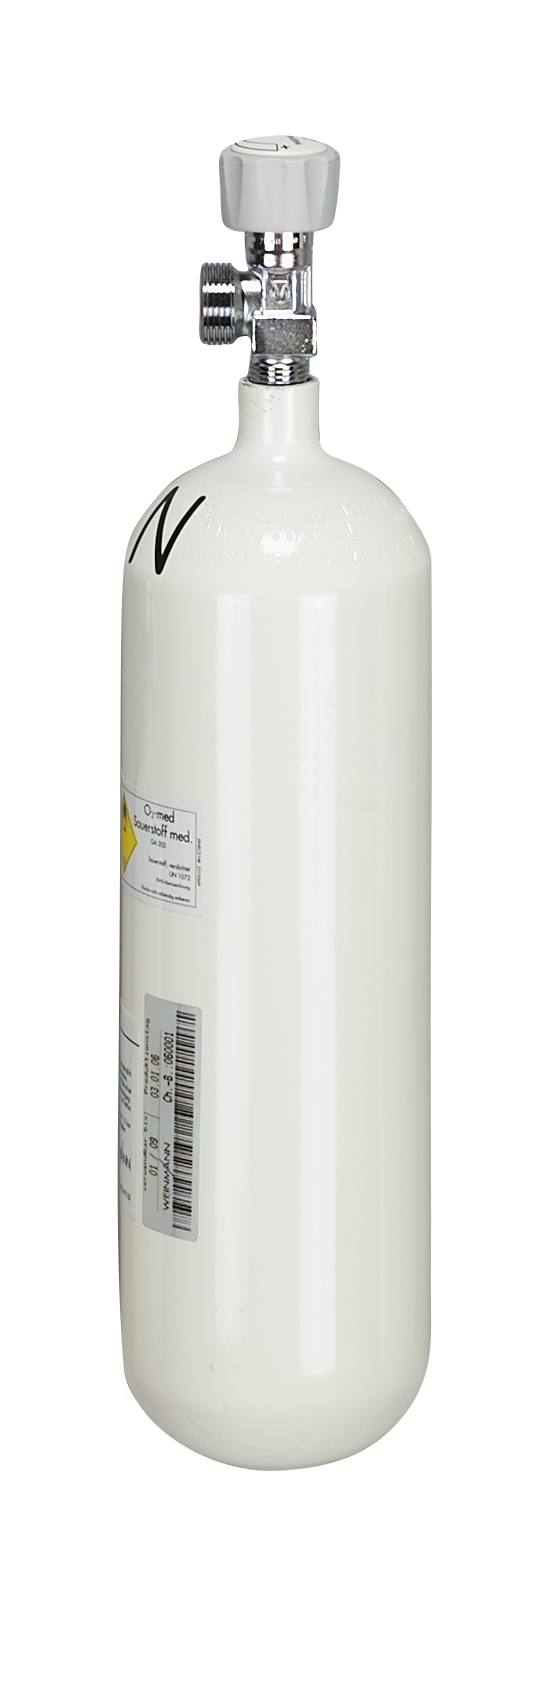 Sauerstoff-Flasche 2,0 Liter, leer, G 3/4, max. Fülldruck 200 bar